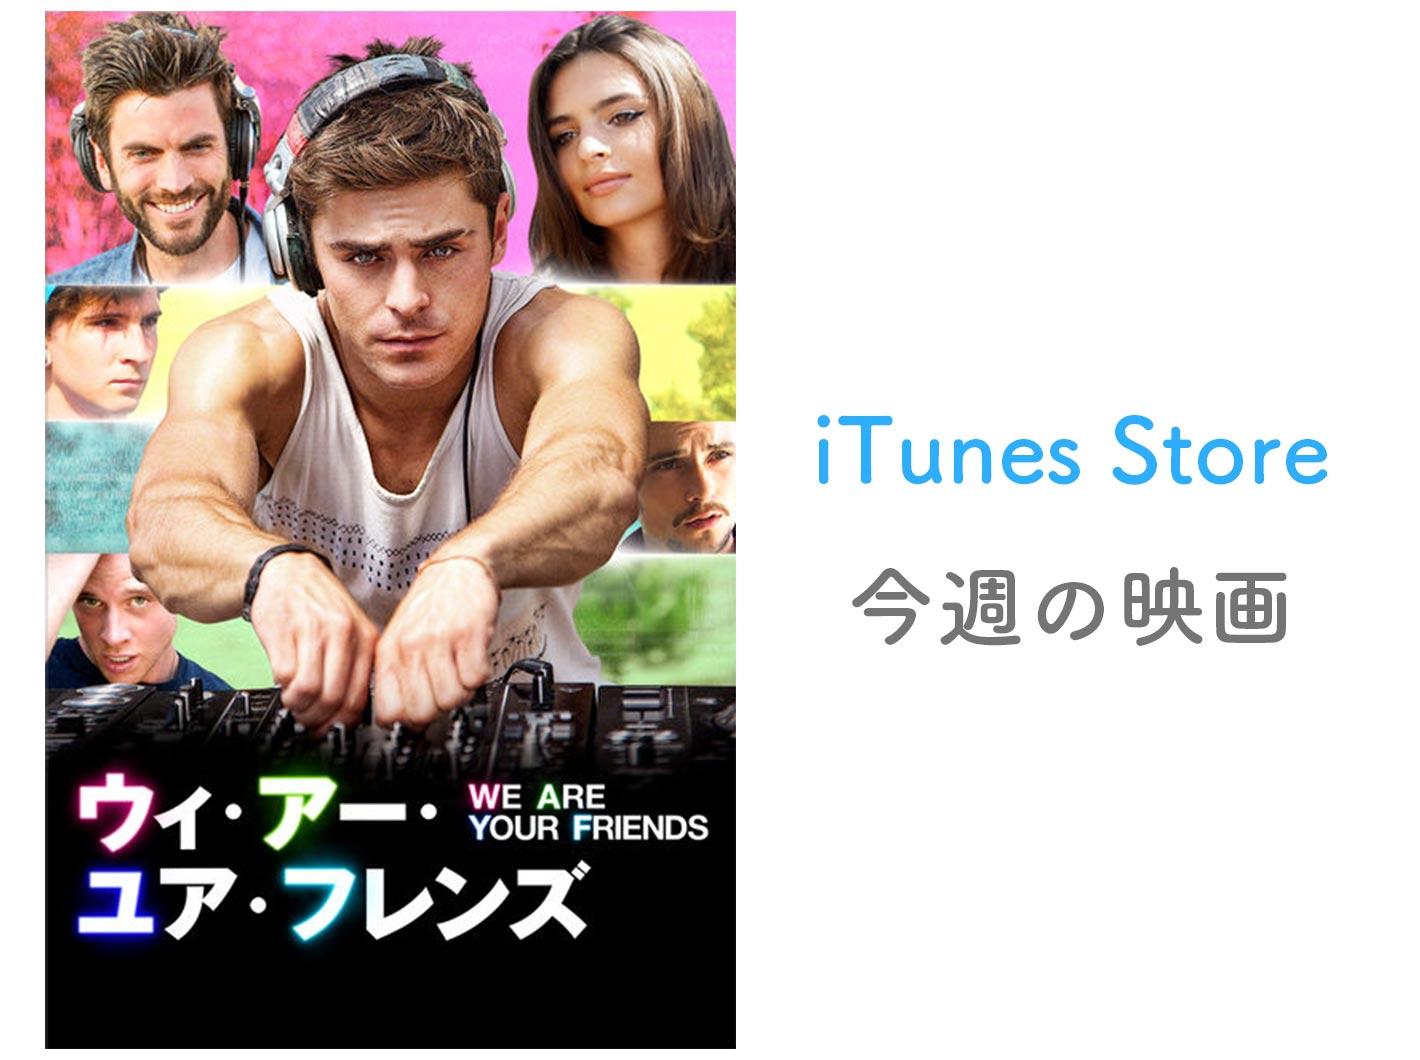 【レンタル100円】iTunes Store、「今週の映画」として「WE ARE YOUR FRIENDS ウィー・アー・ユア・フレンズ」をピックアップ